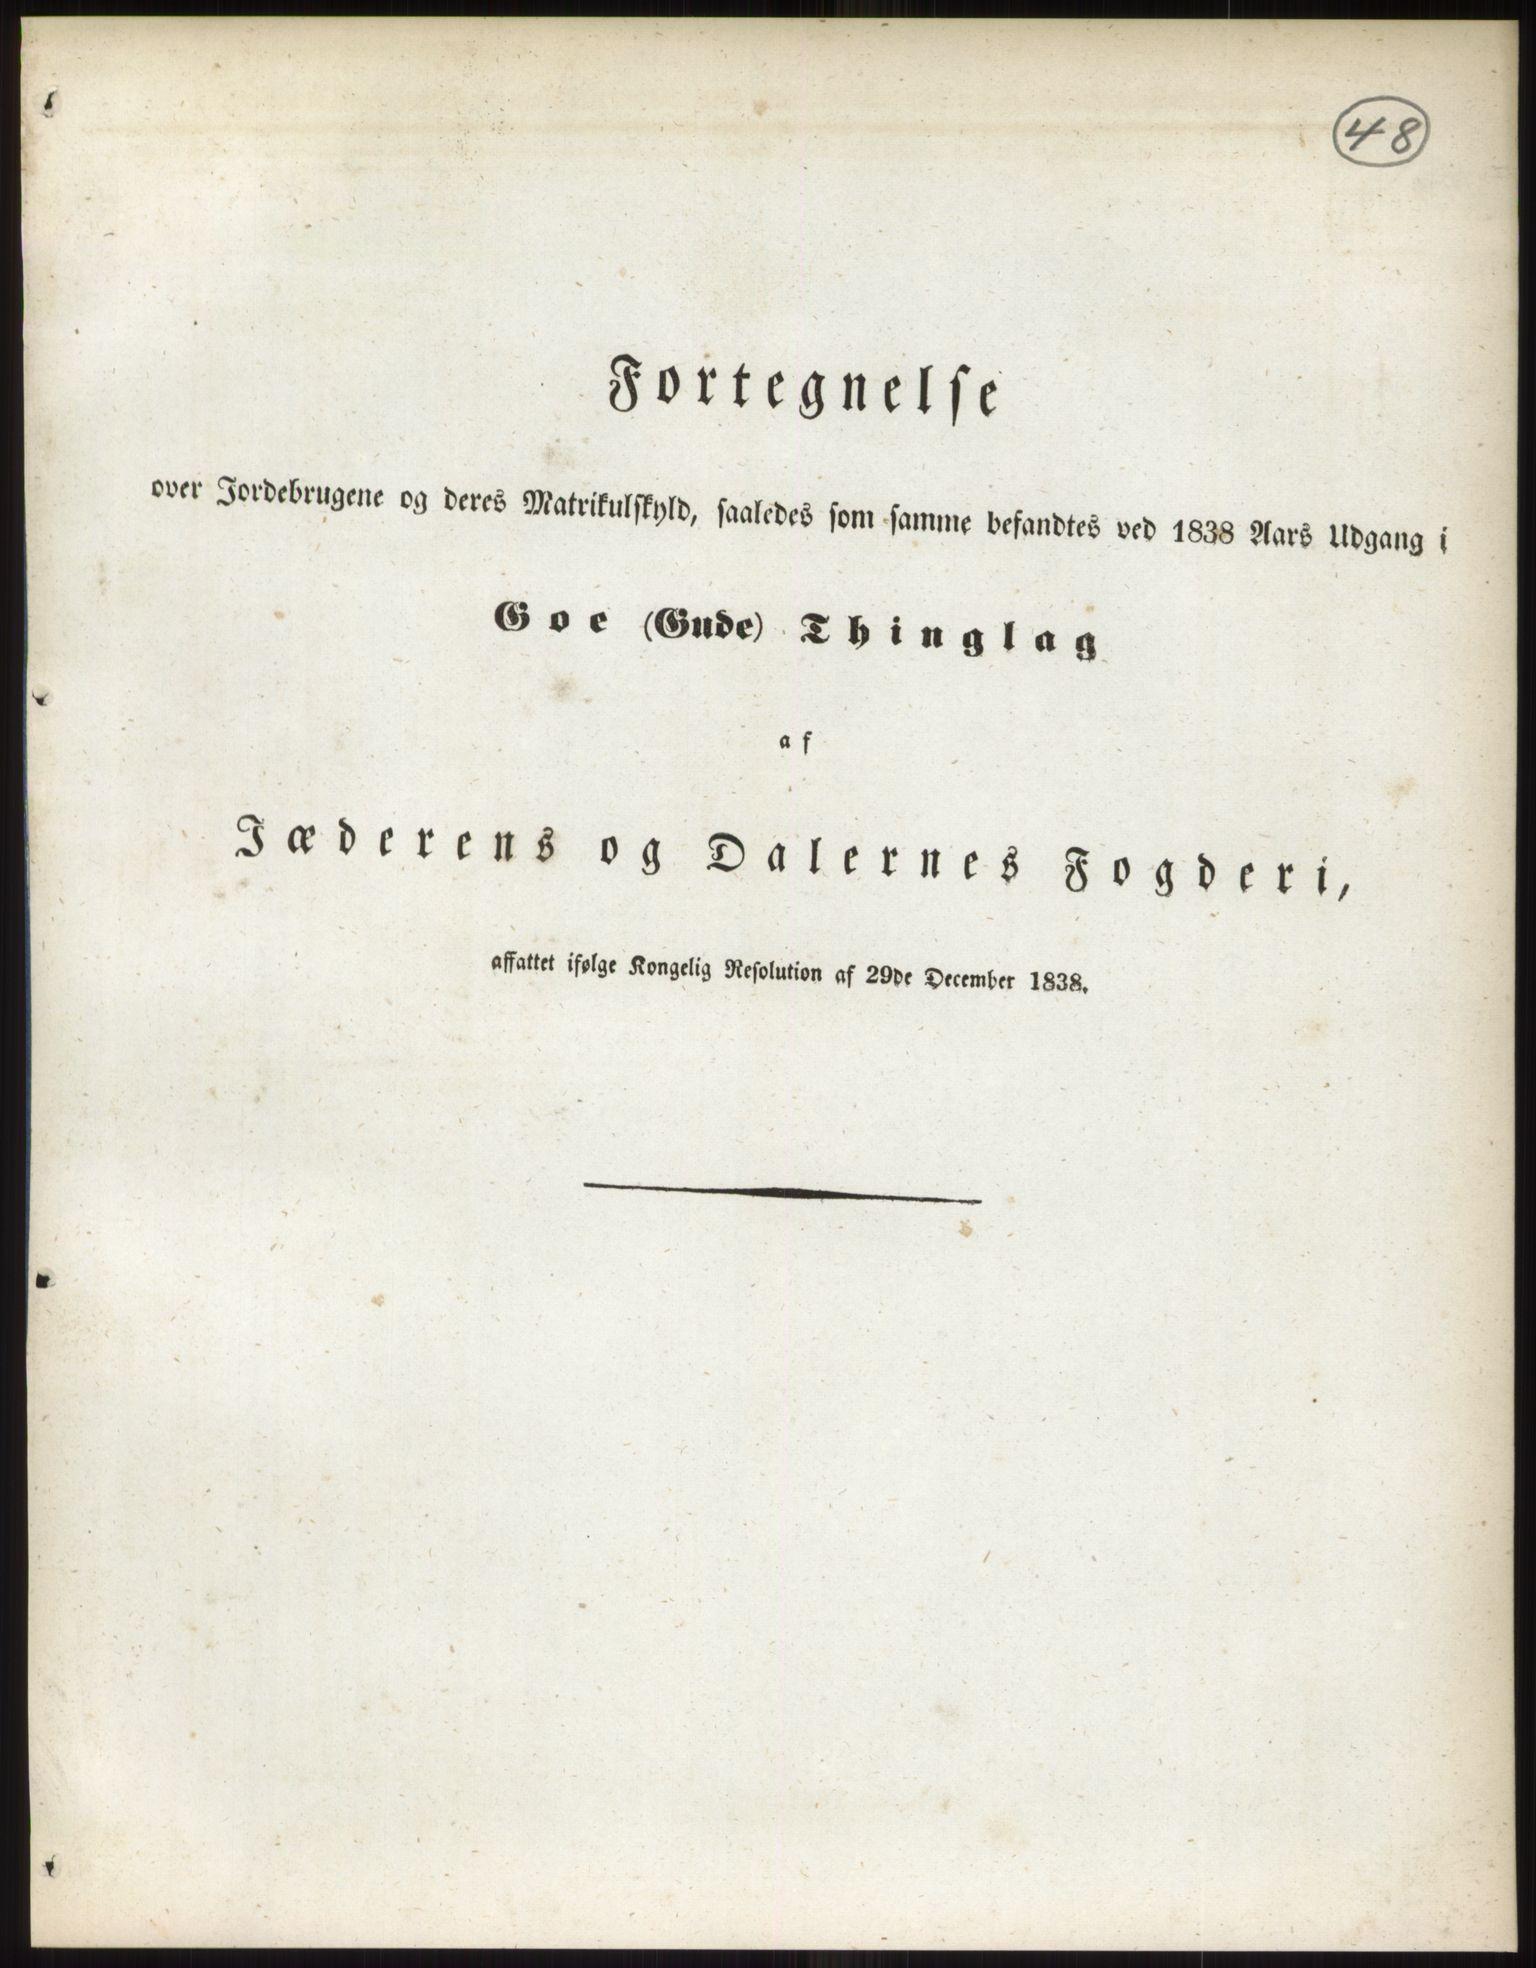 RA, 1838-matrikkelen (publikasjon)*, 1838, s. 48